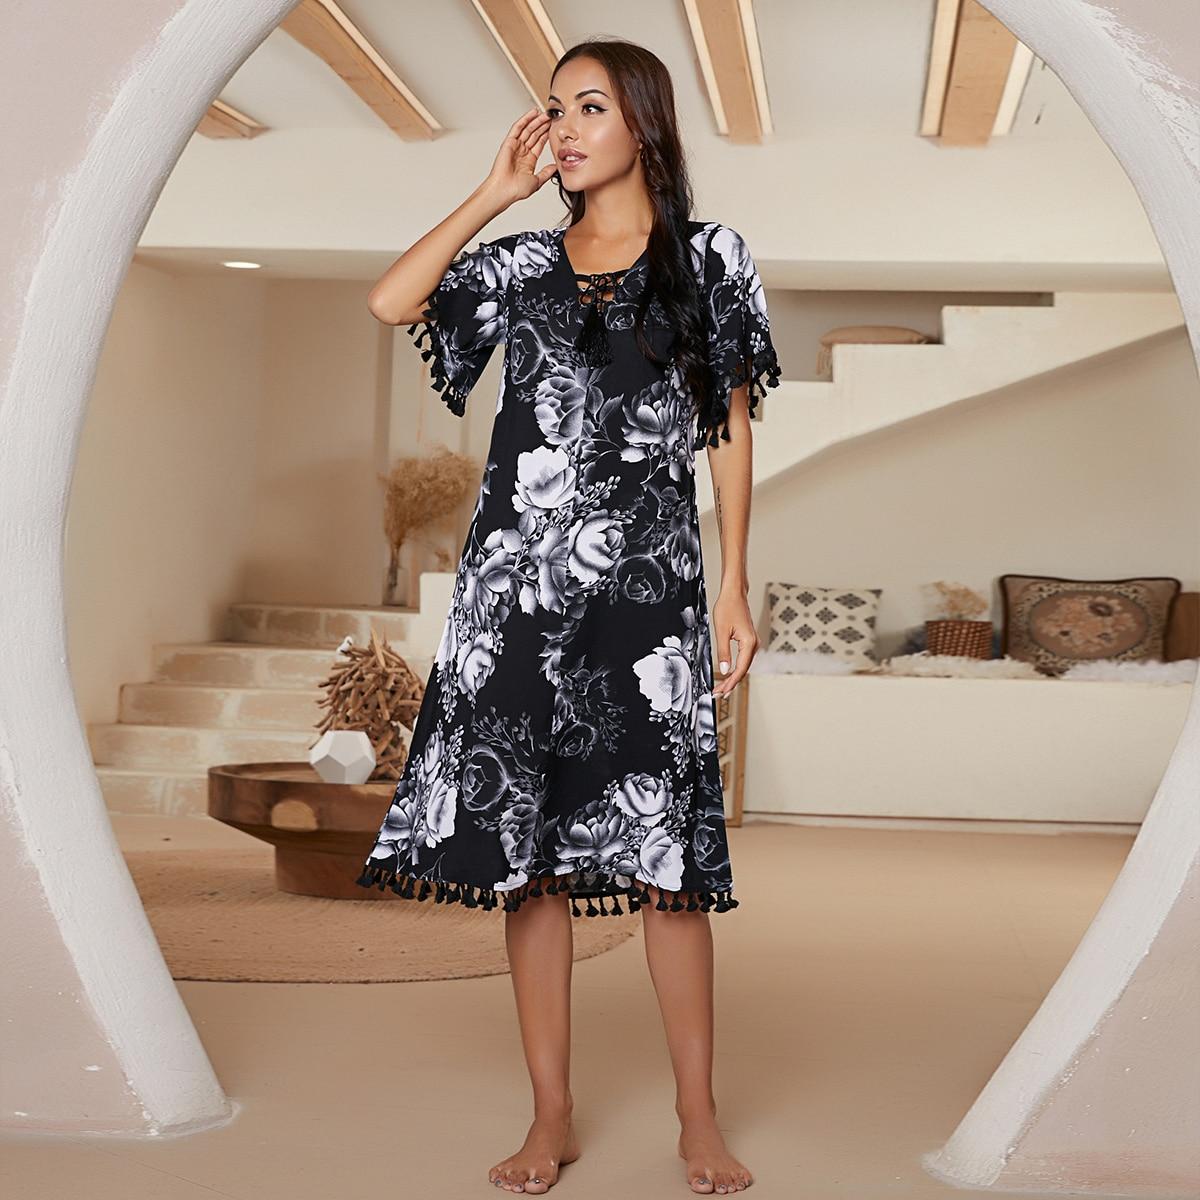 Пижама с бахромой и цветочным узором